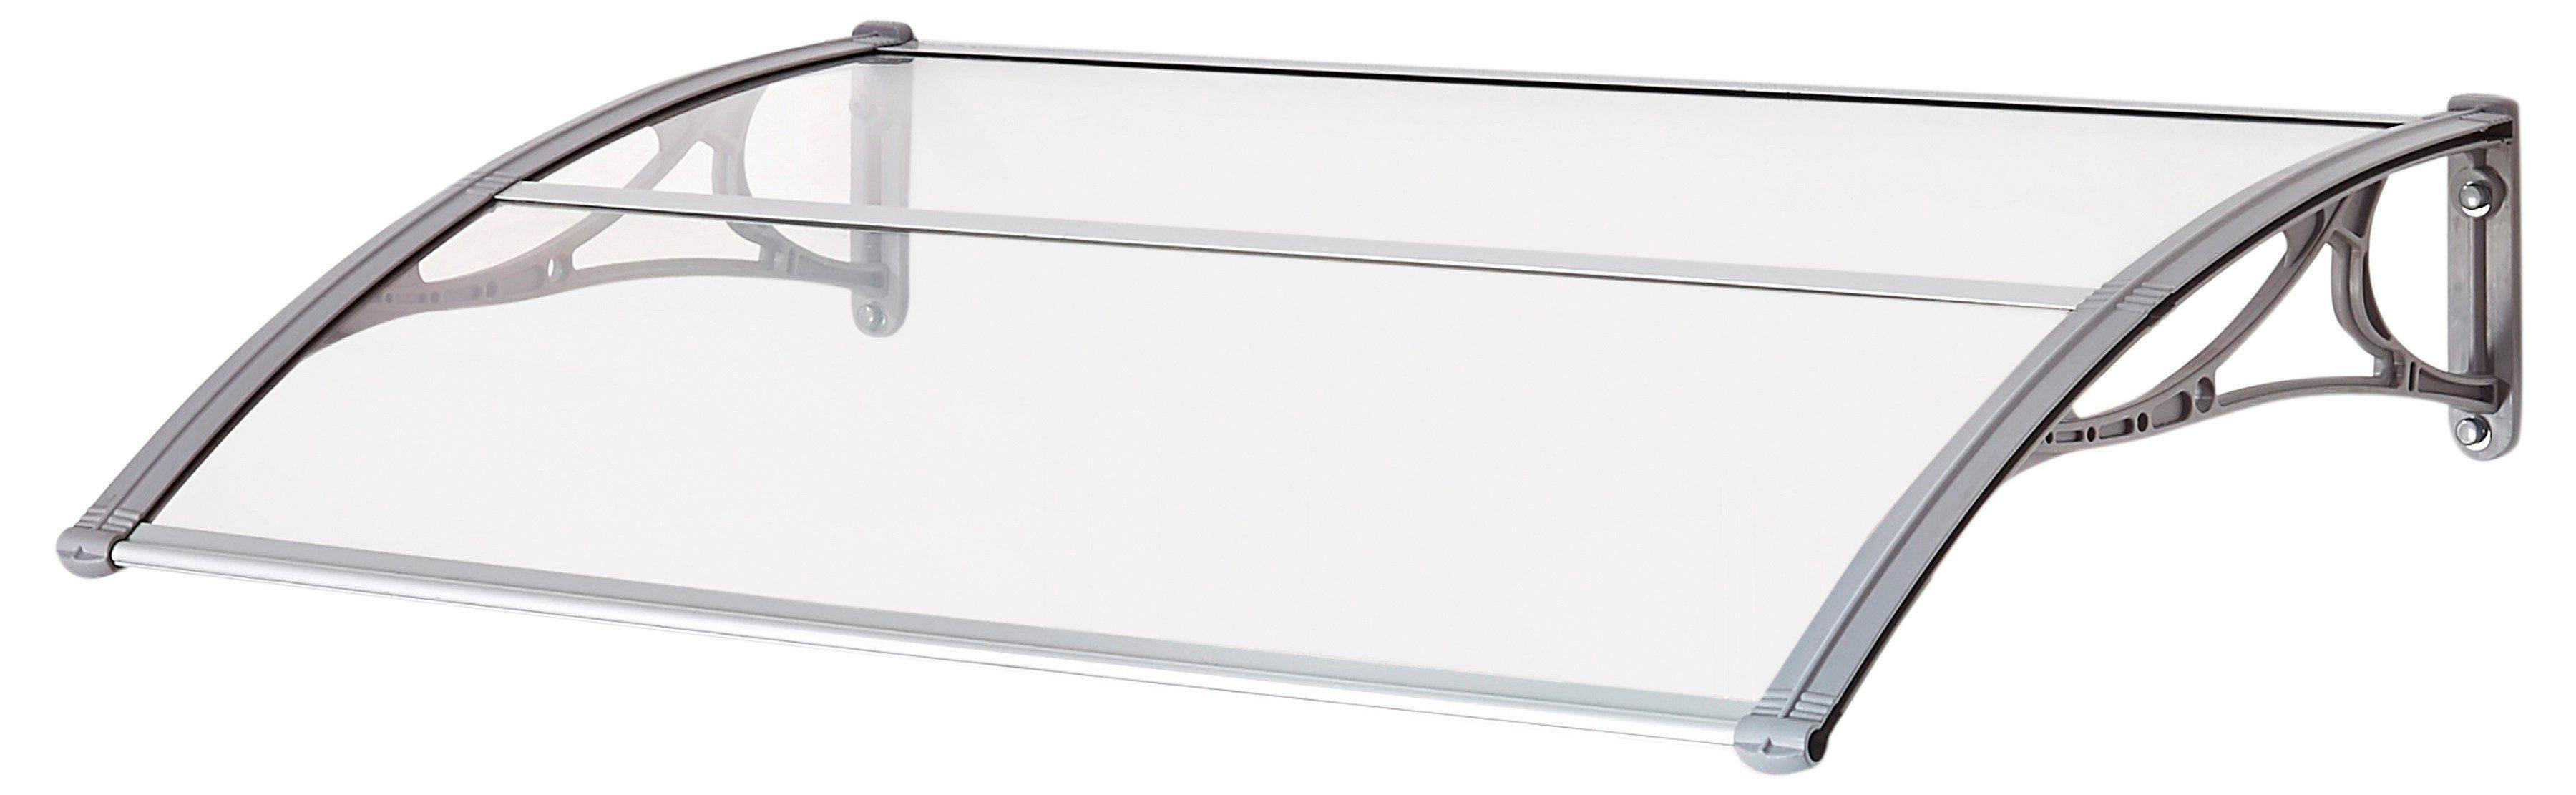 SUPERROOF Vordach »EMMA 1200«, B/T/H: 120/74/21 cm, grau